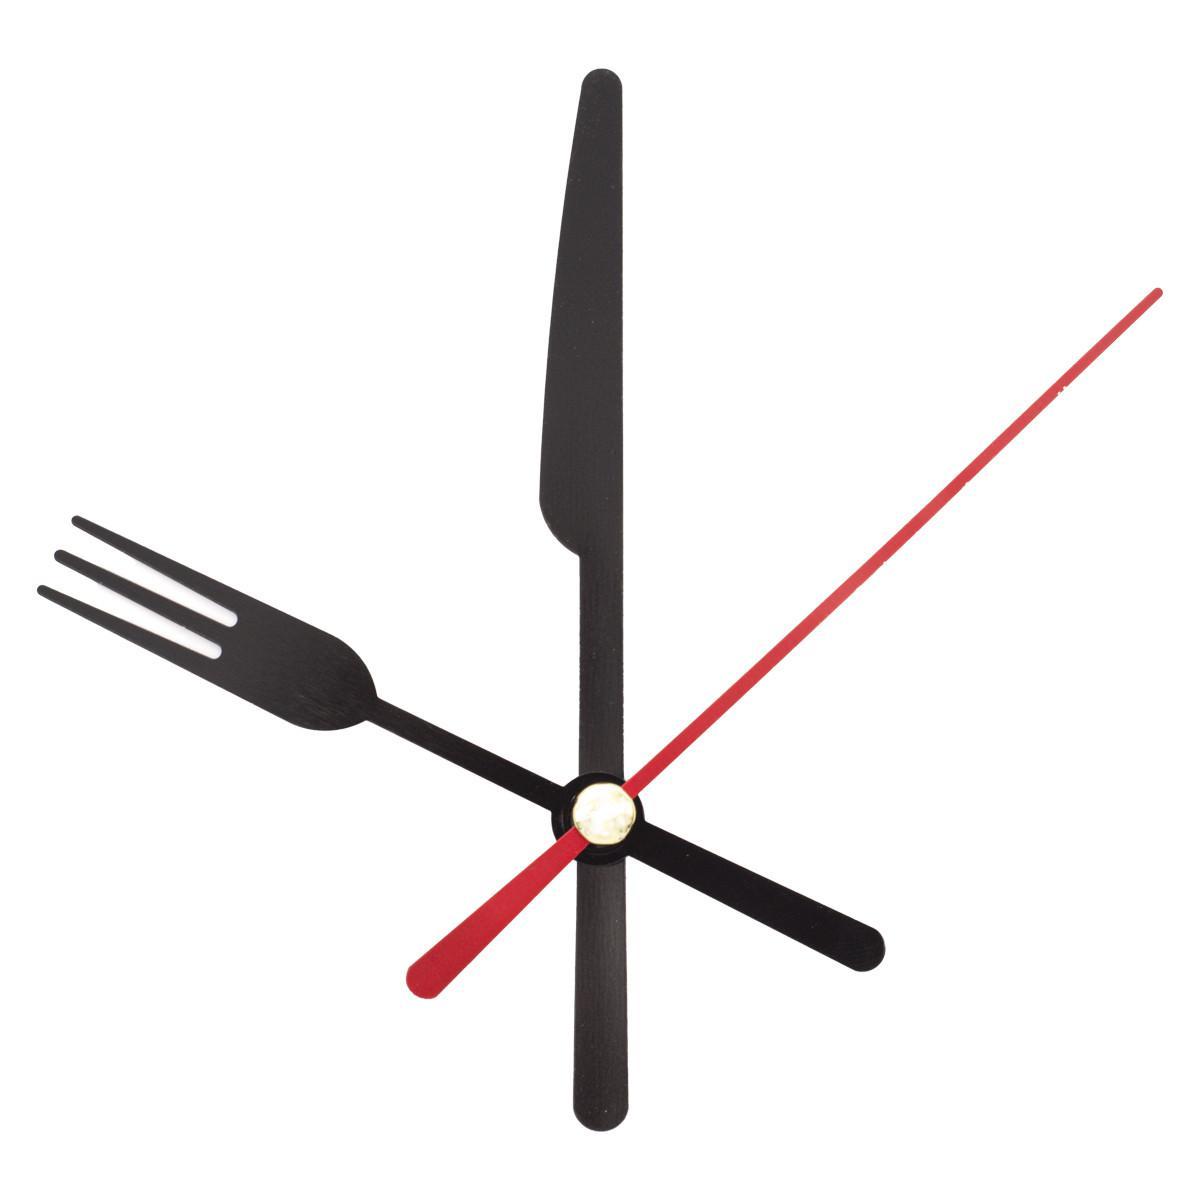 Набор стрелок часовых, 58/72/72 мм, 3 штуки, цвет красный (арт. 5AS-064)